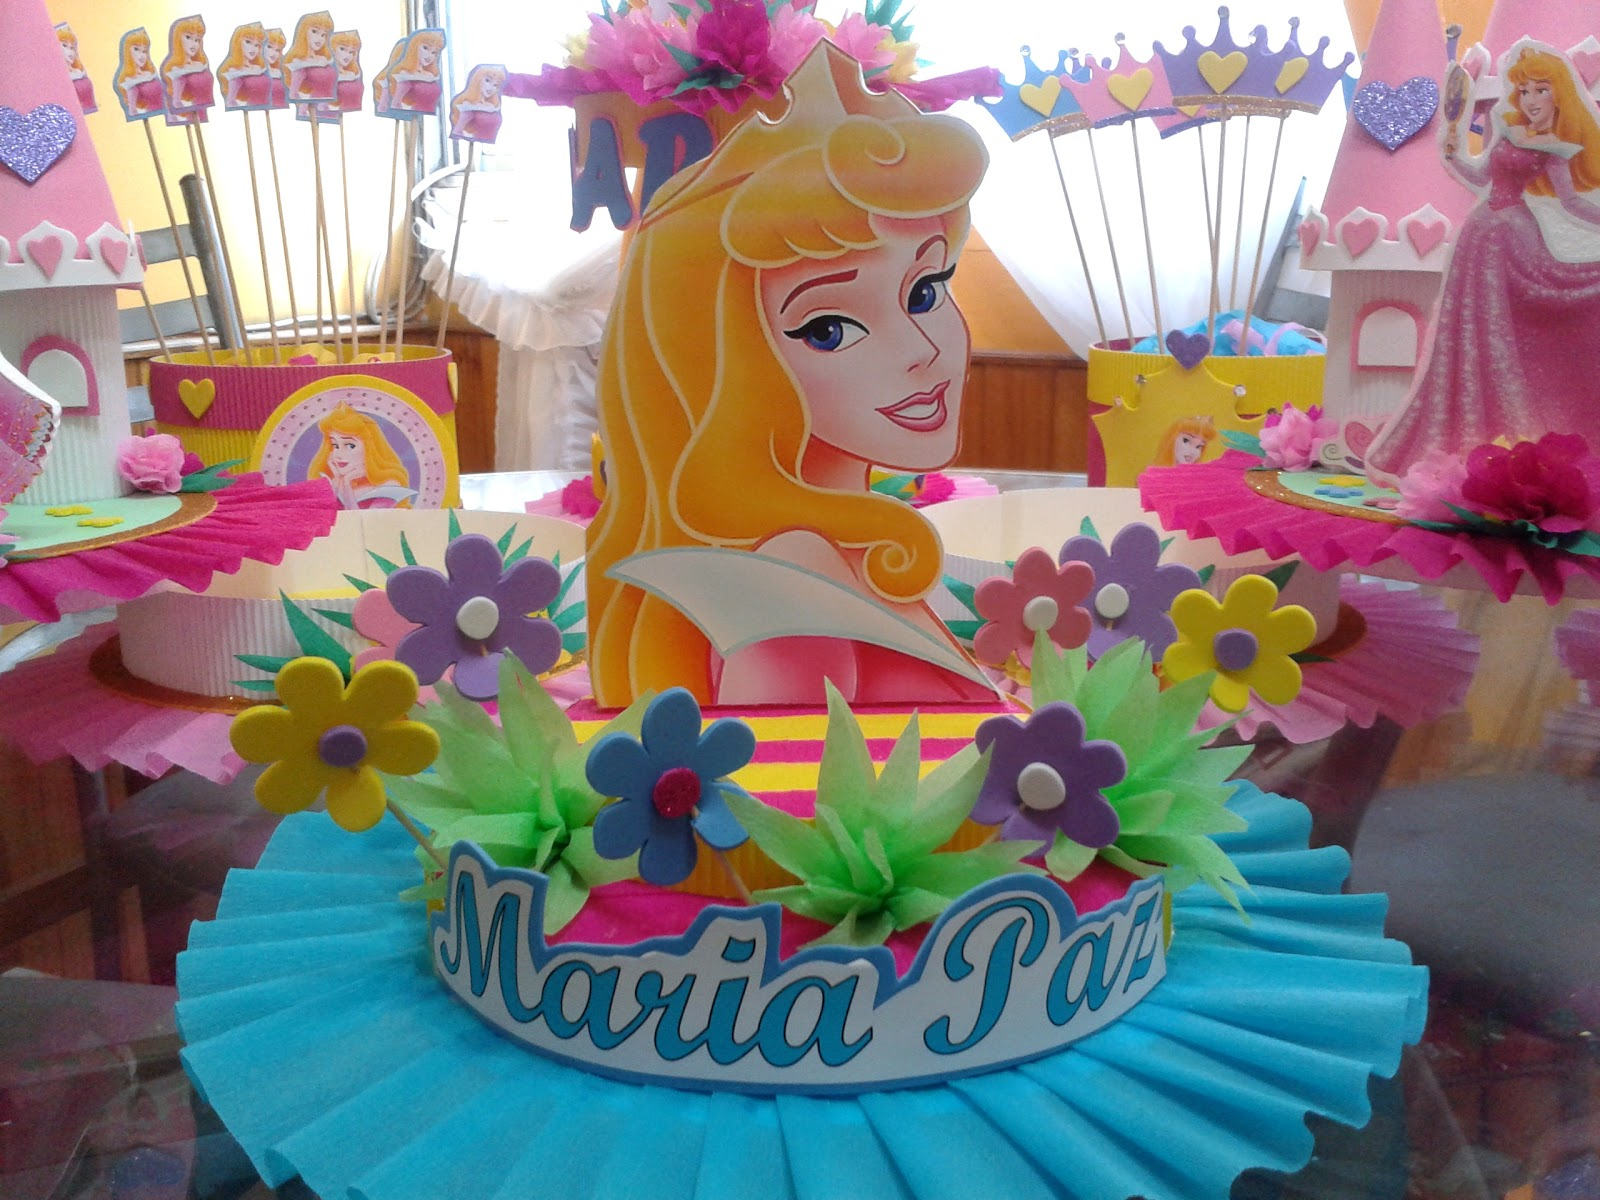 Decoraciones infantiles princesa aurora bella durmiente - Fiestas infantiles princesas disney ...